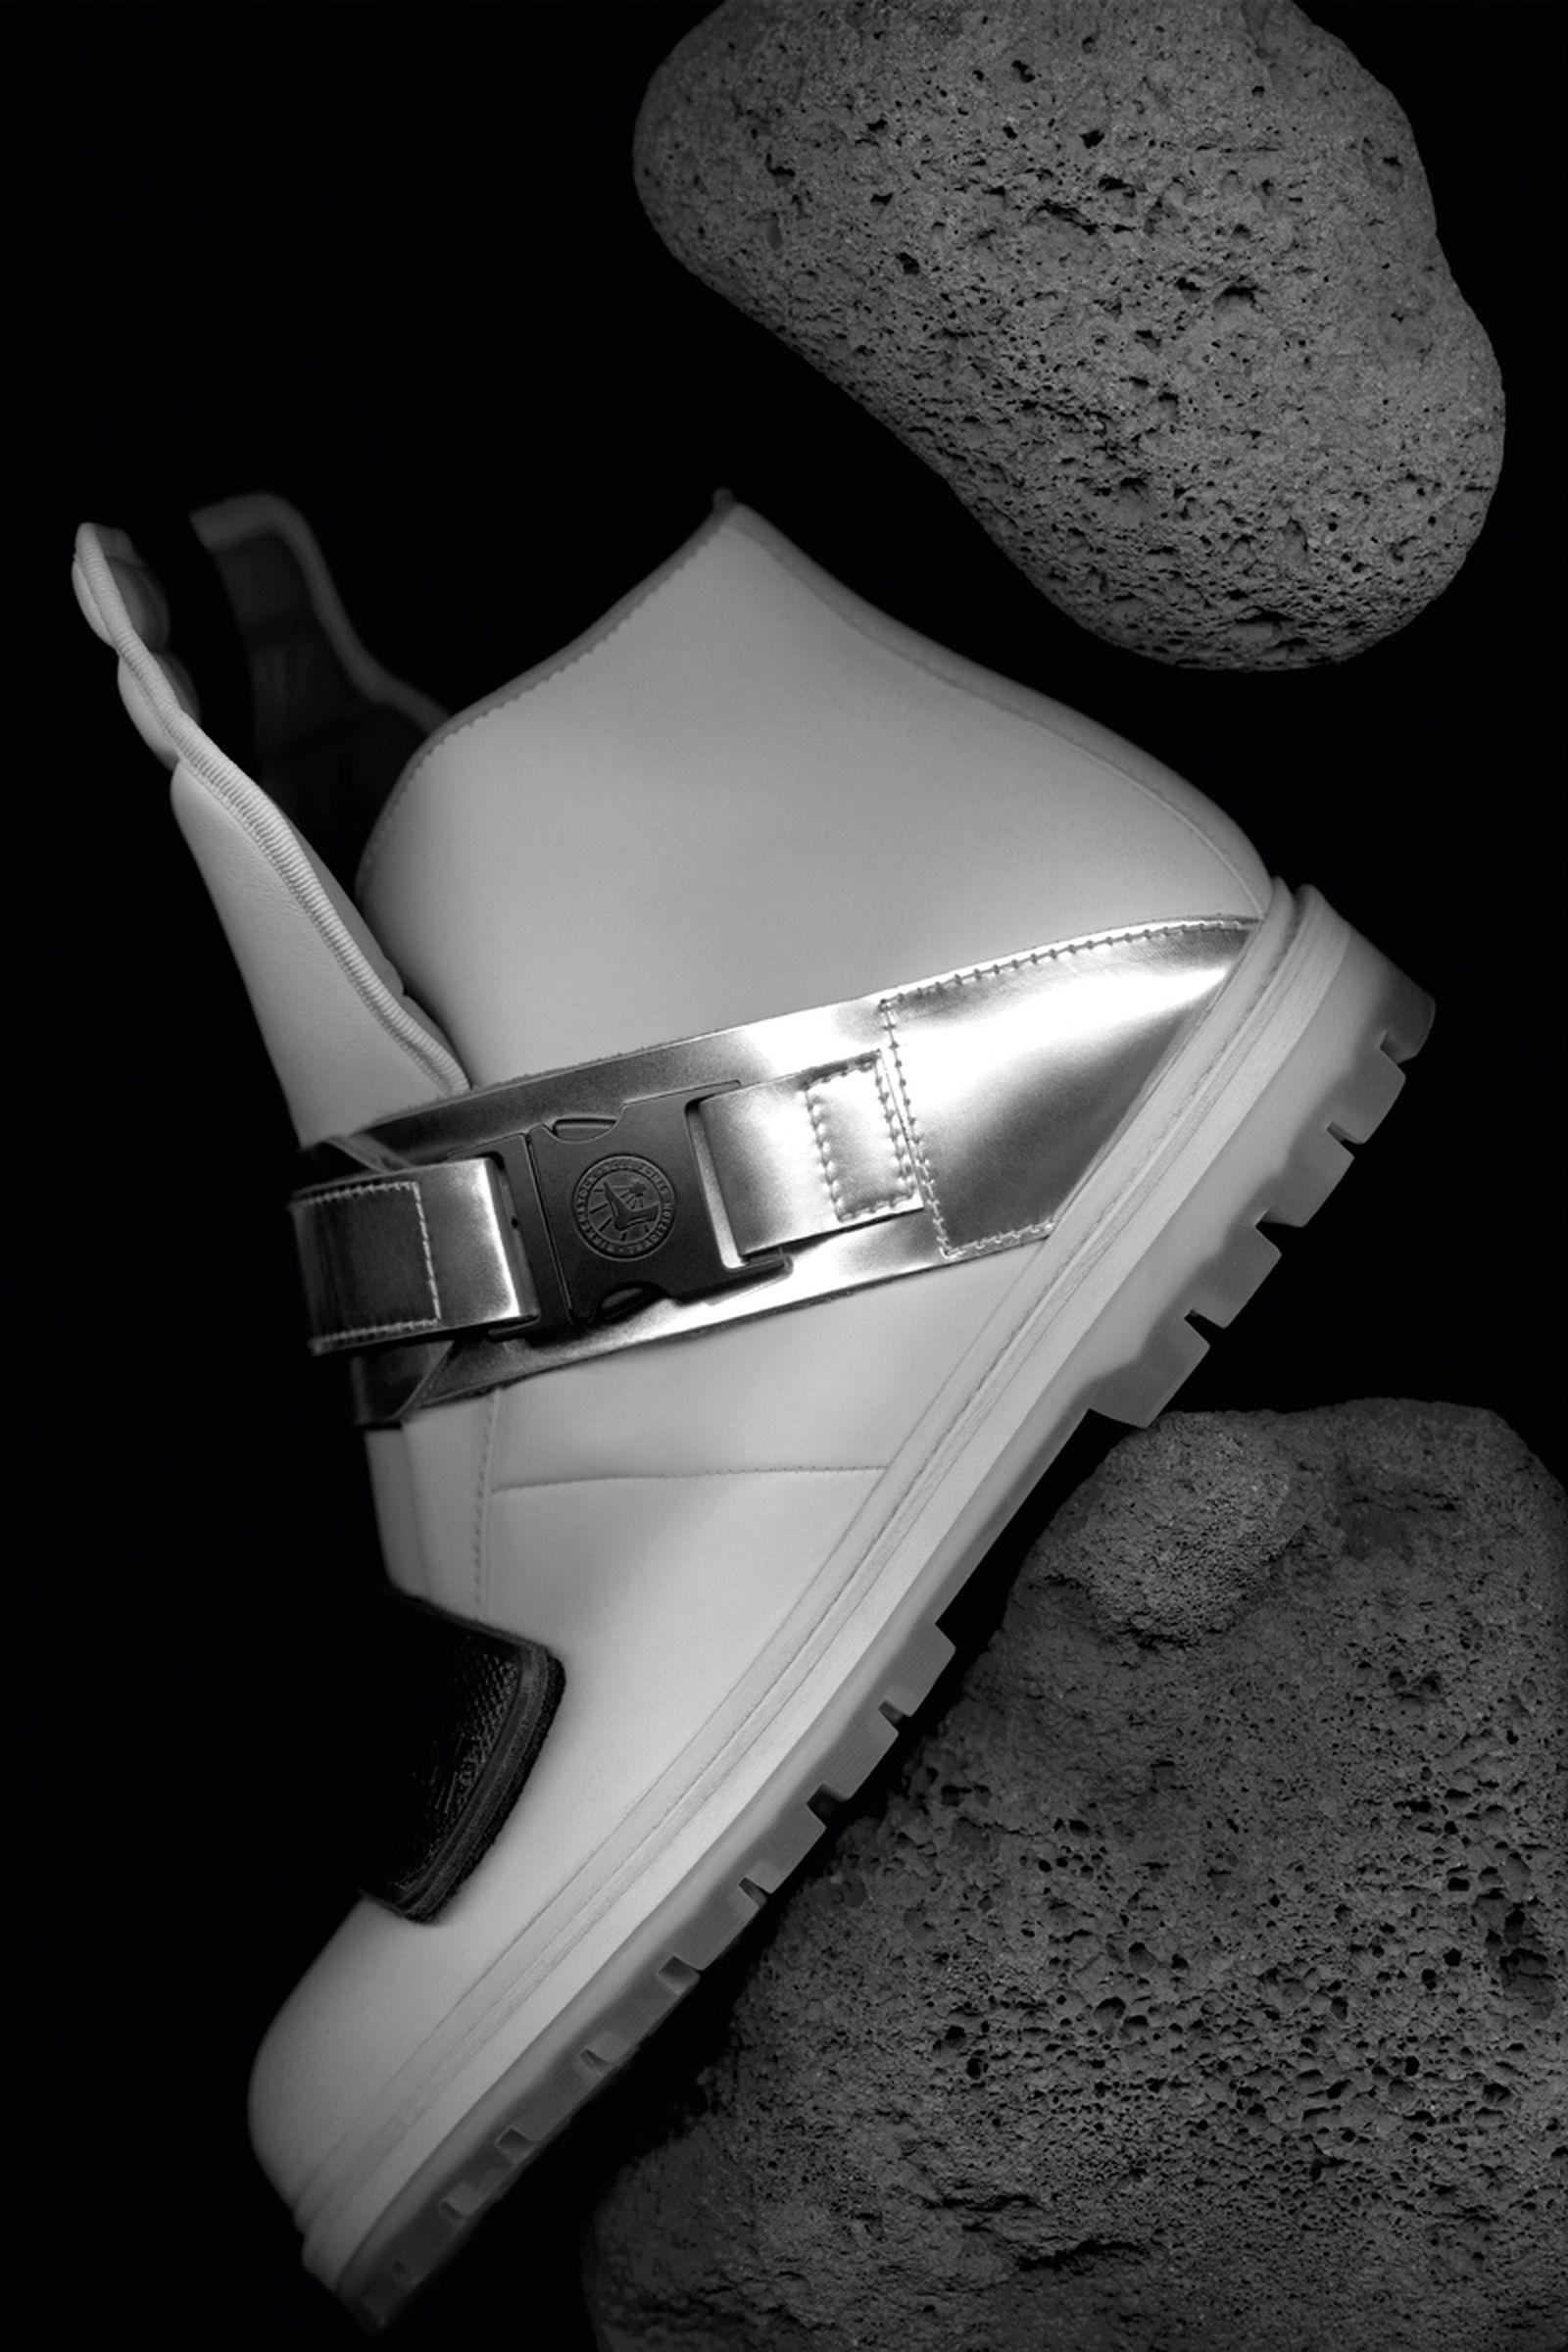 birkenstock rick owens season 2 footwear